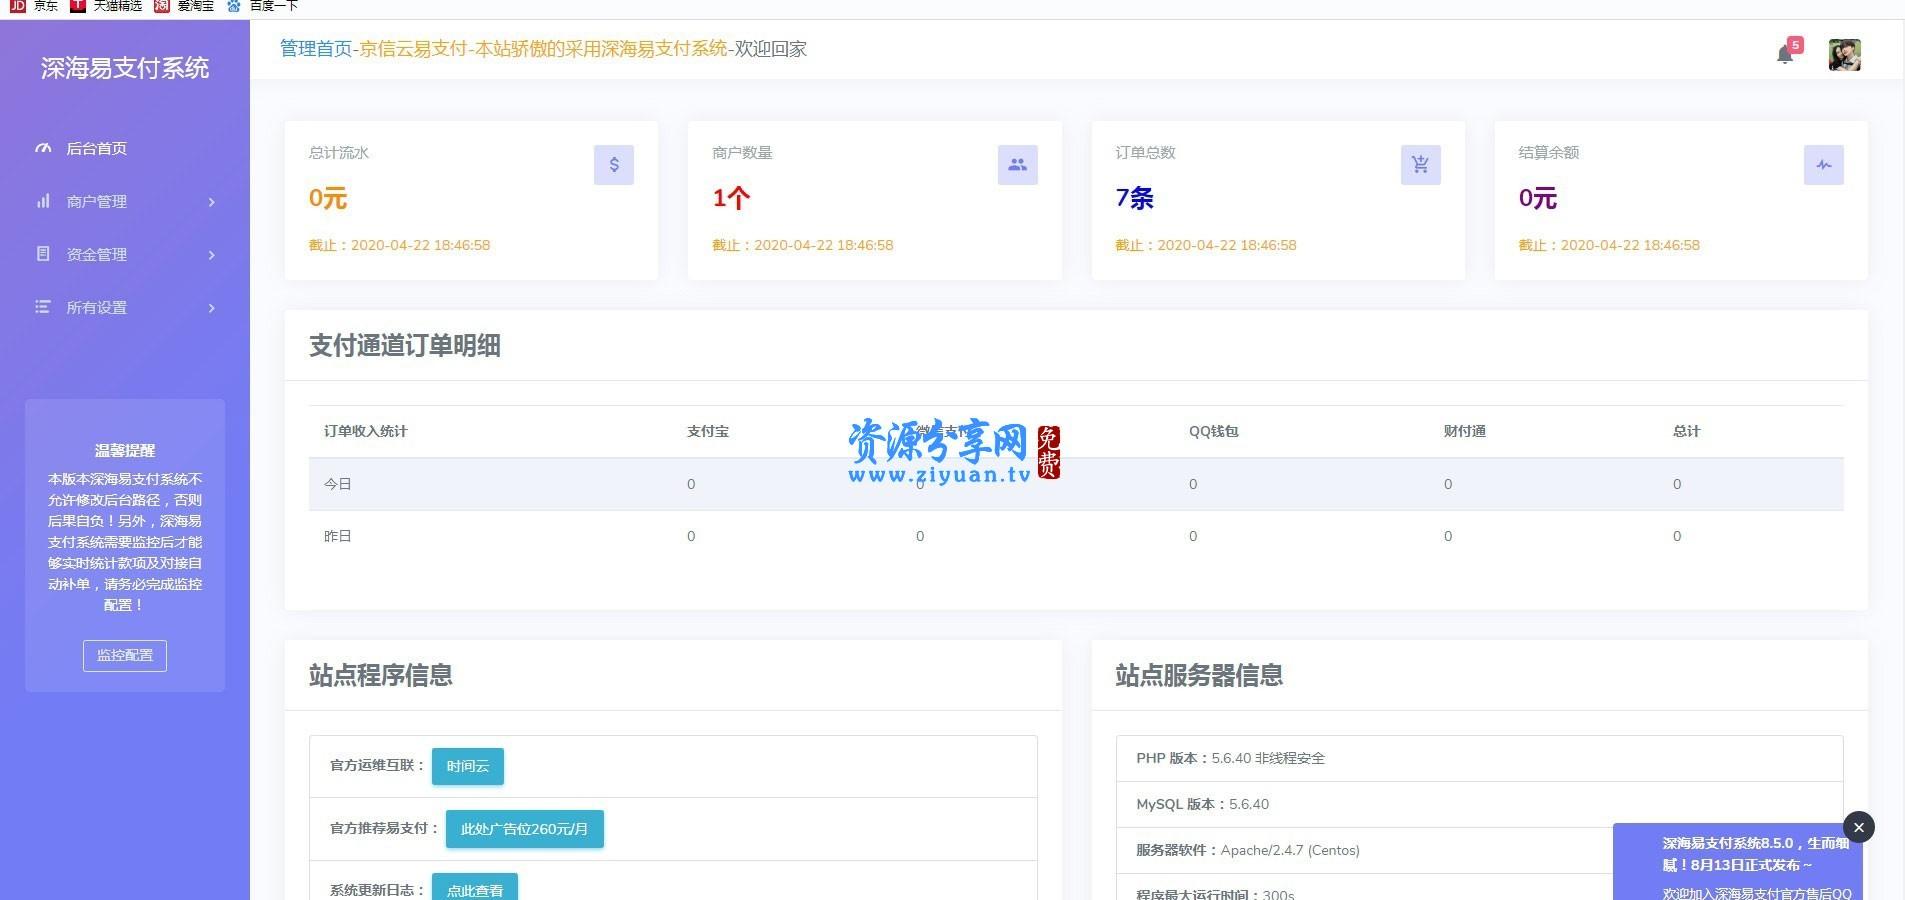 京信云易支付 最新易支付源码+免签约整站源码